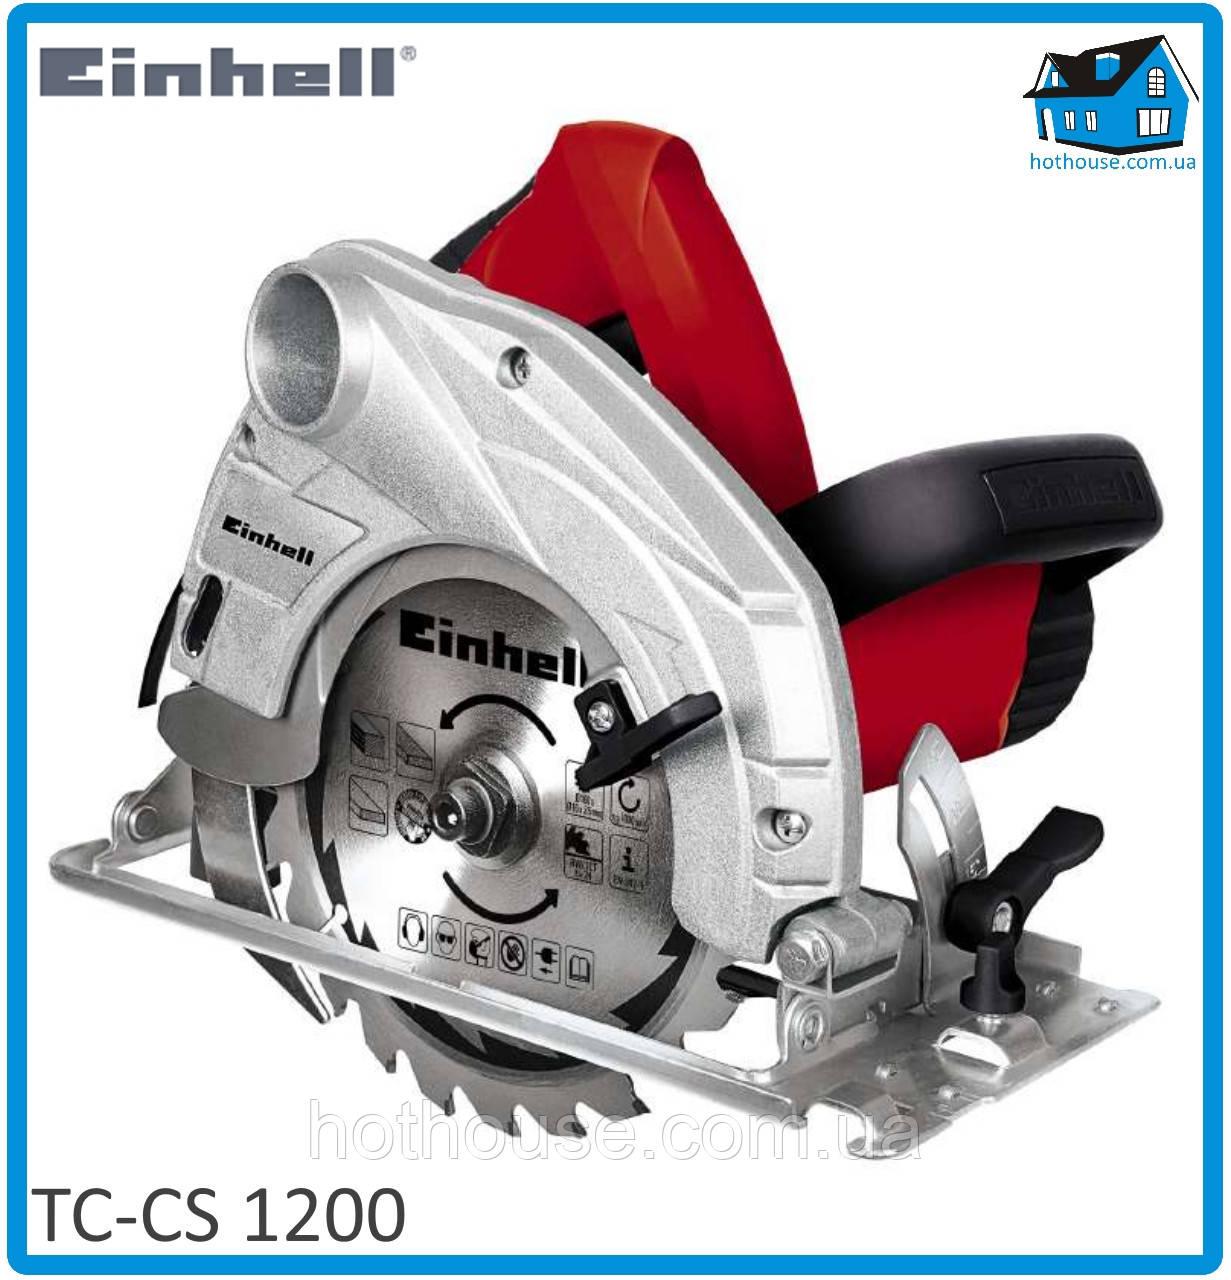 Пила циркулярная Einhell TC-CS 1200